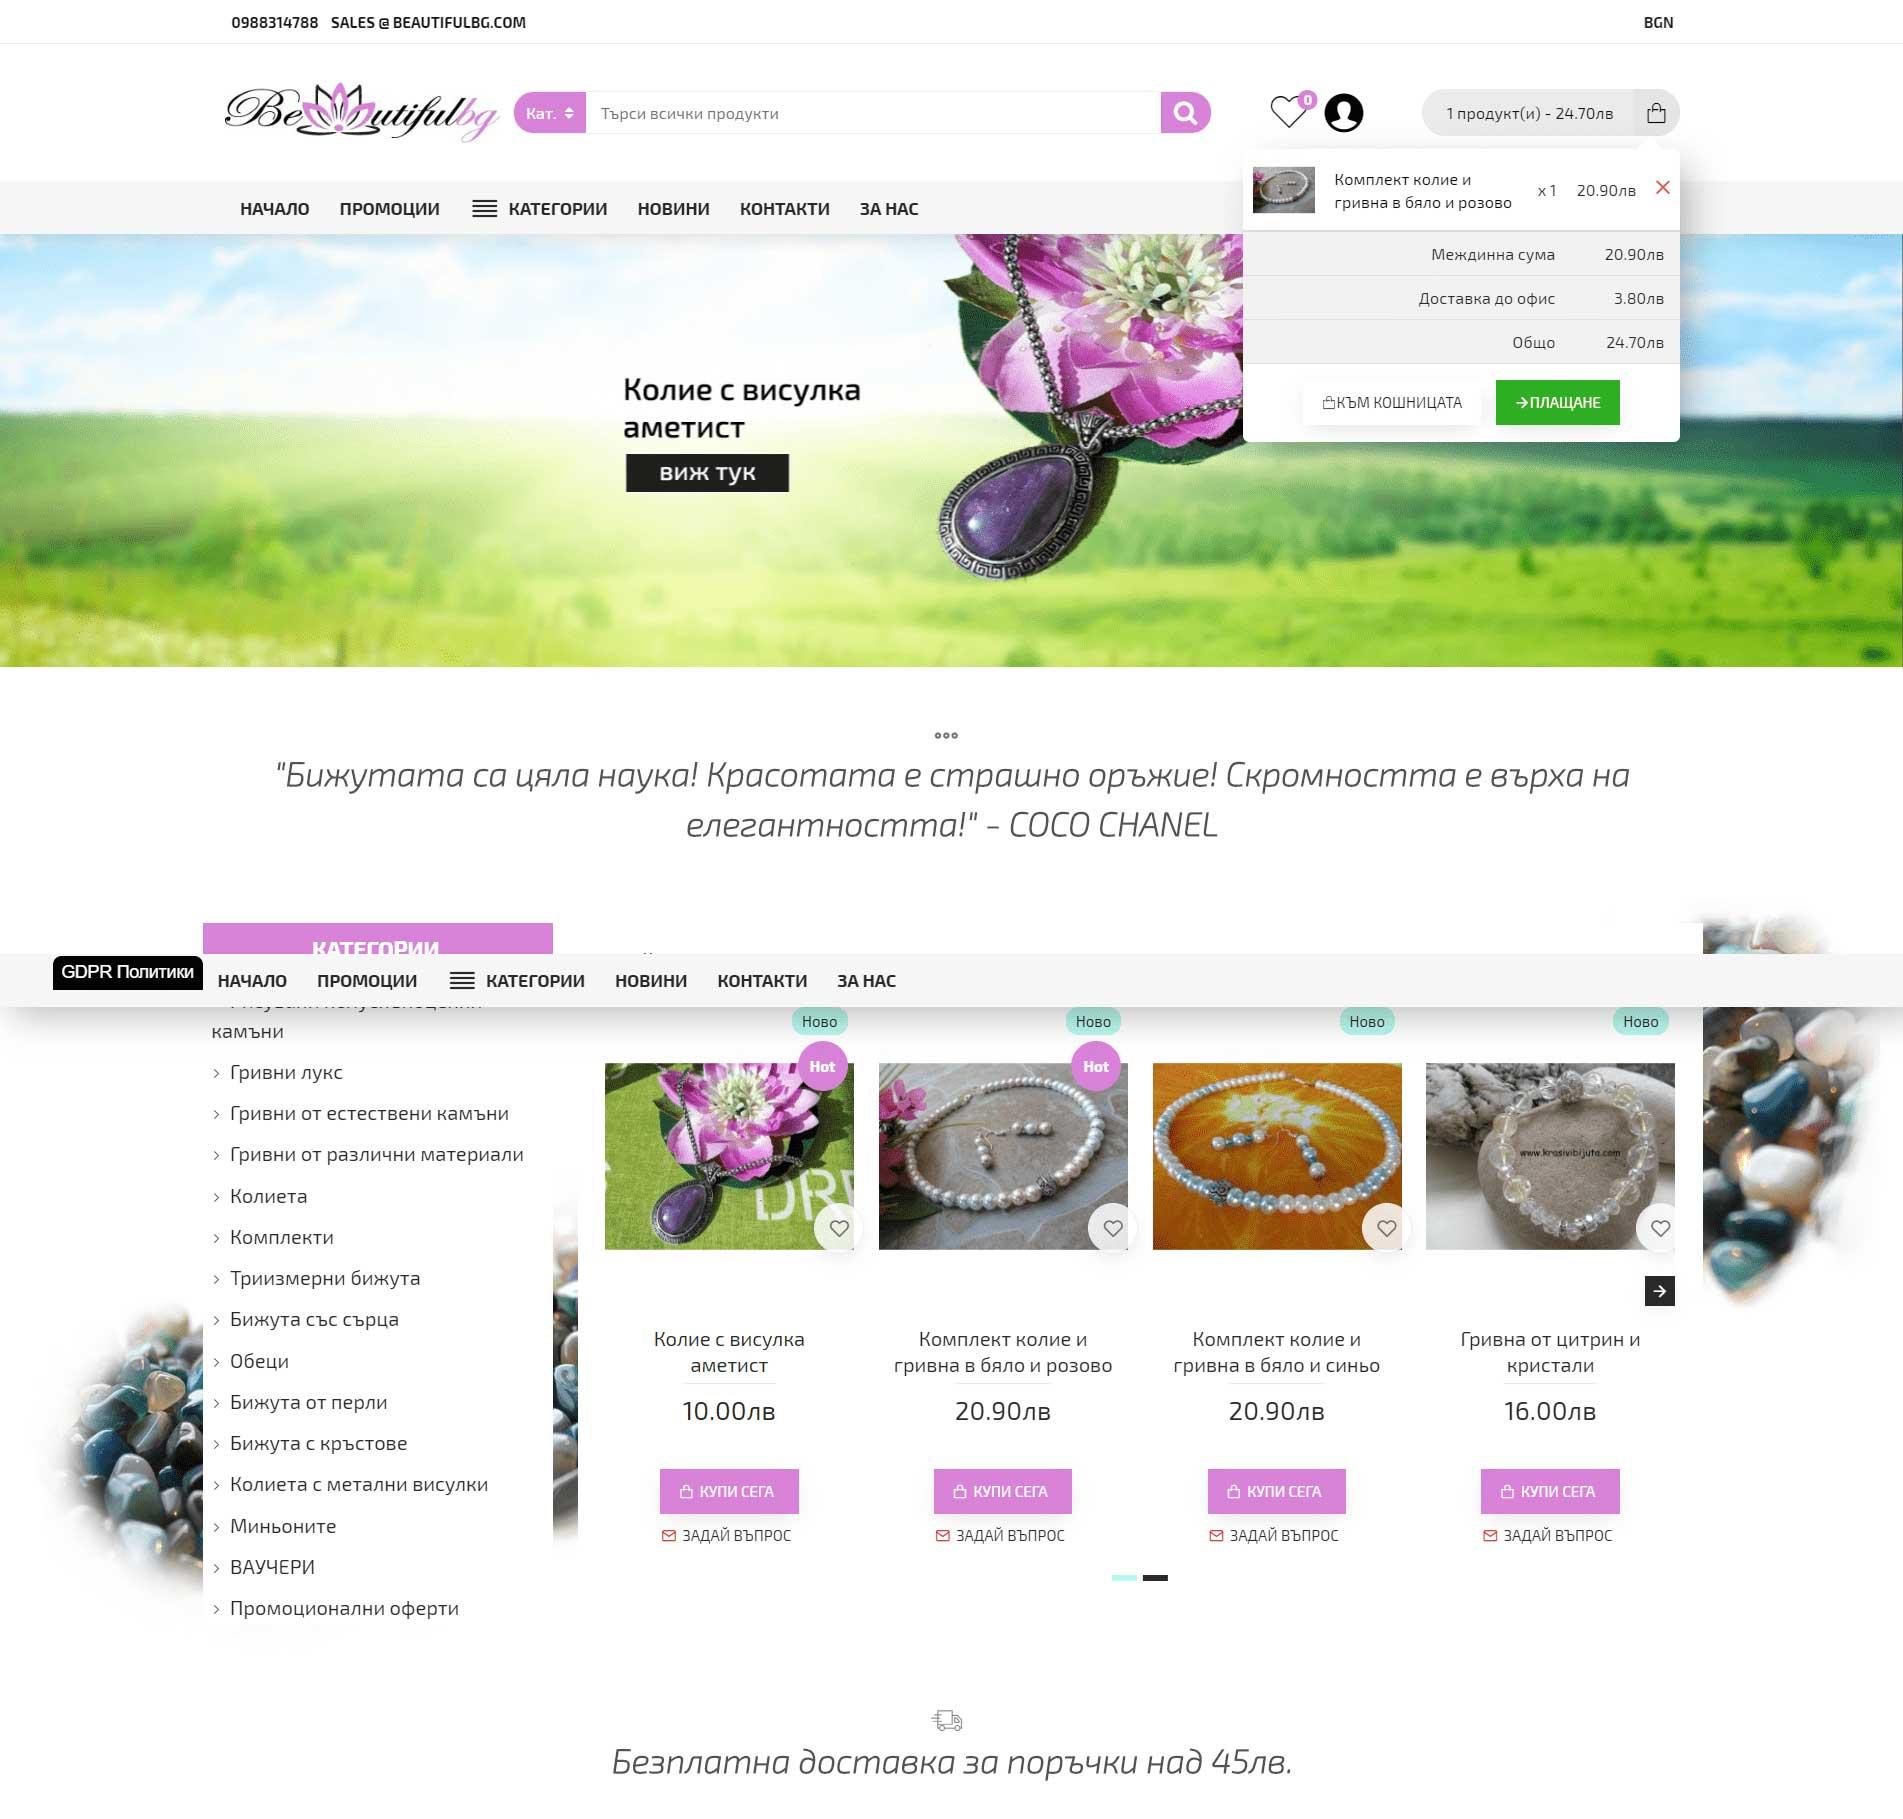 Онлайн магазин за бижута и подаръци - Beautifulbg.com